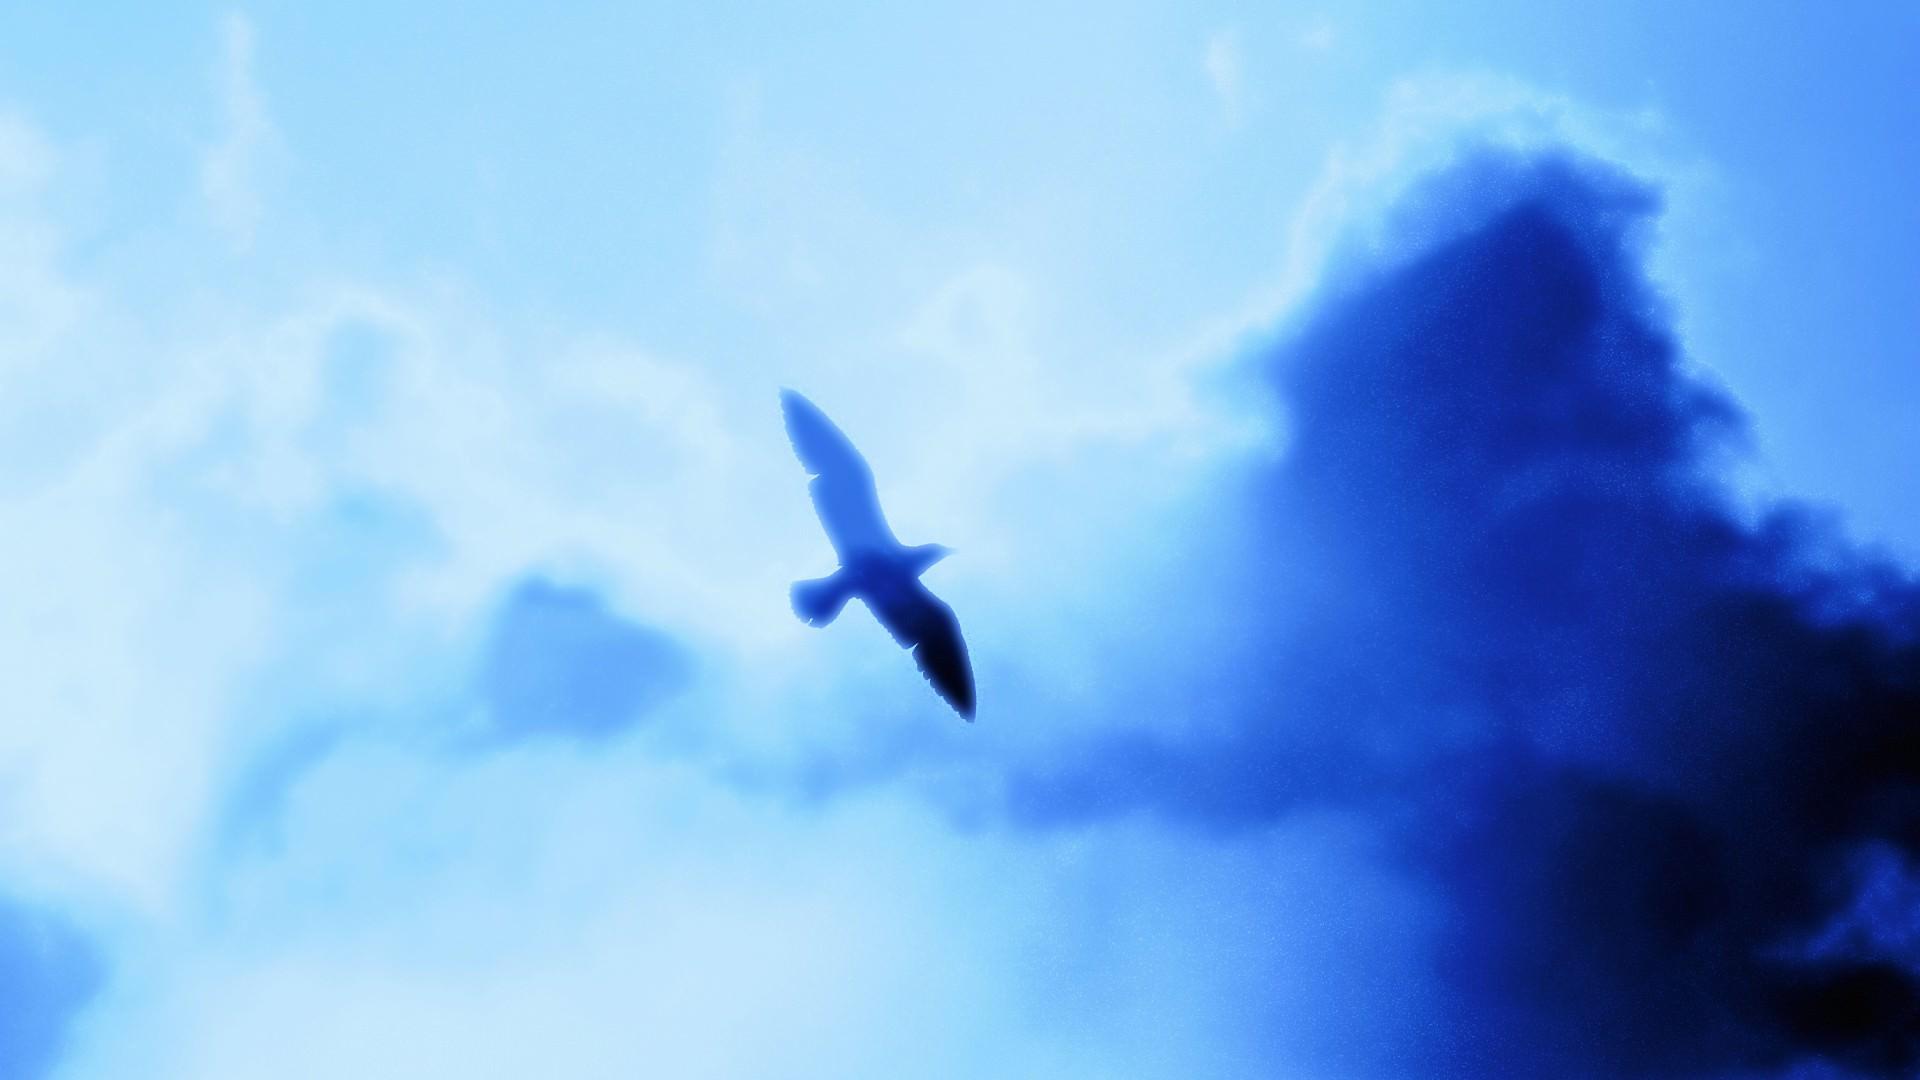 鳥の壁紙 1920 215 1080 7 スマホ・pc用壁紙 Wallpaper Box